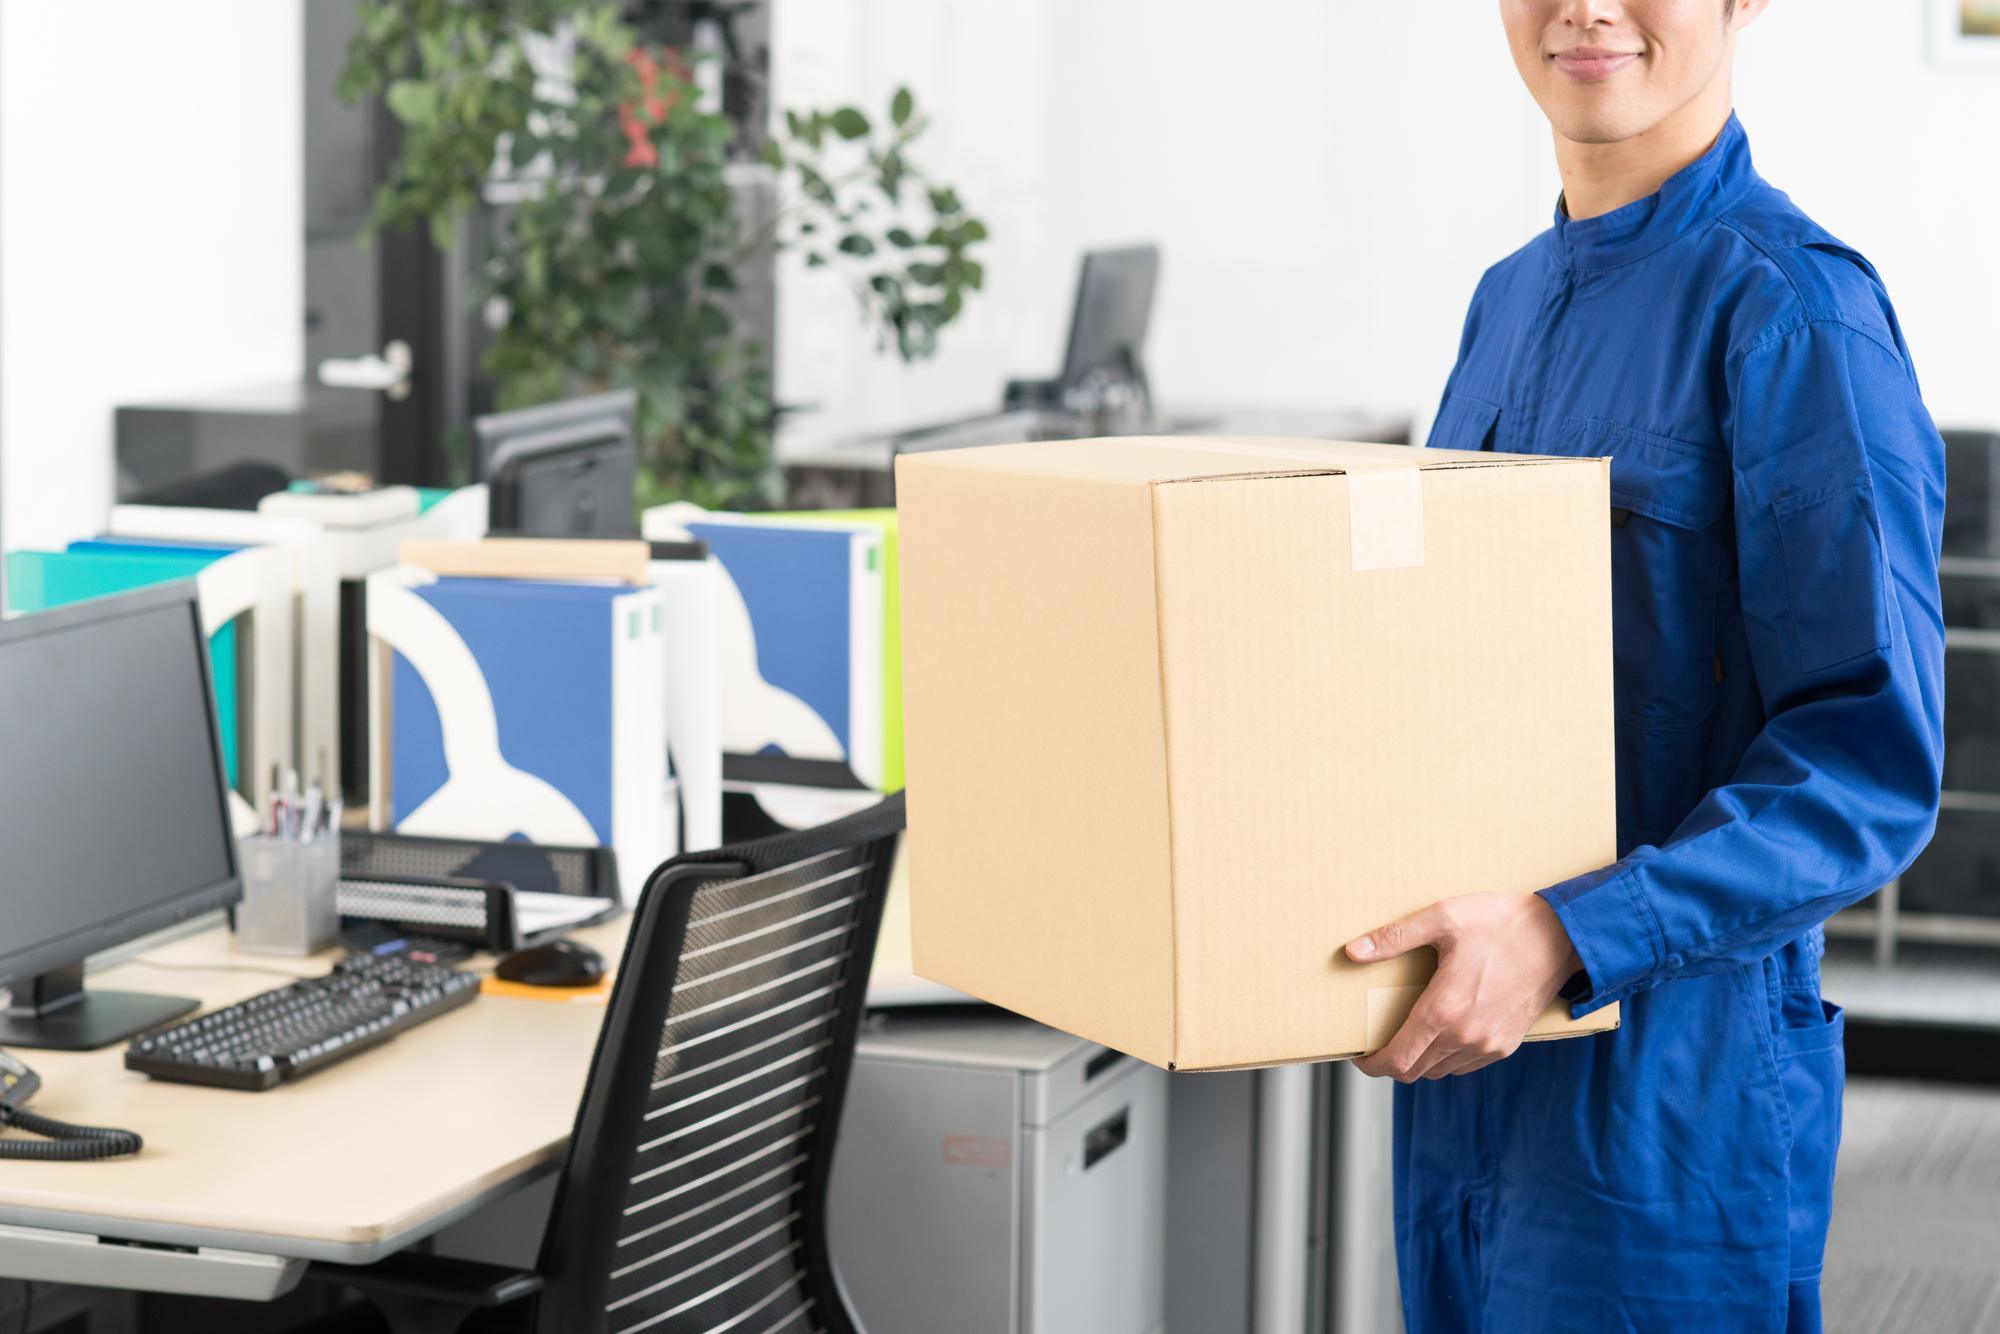 04_引越しする人必見!パソコン梱包の注意点と梱包方法